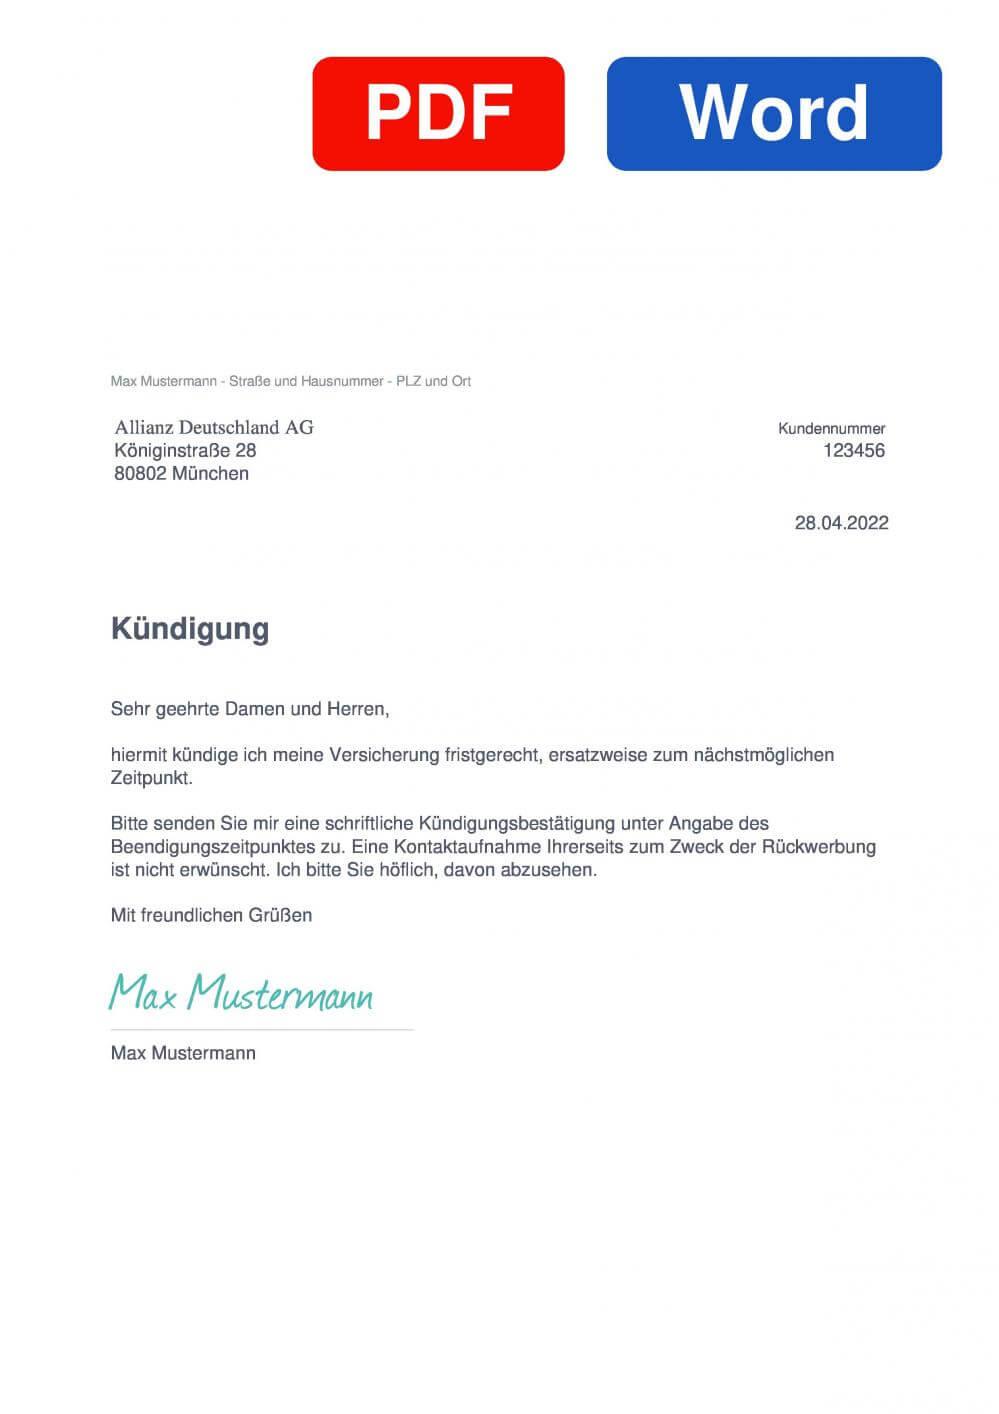 Allianz Berufsunfähigkeitsversicherung Muster Vorlage für Kündigungsschreiben